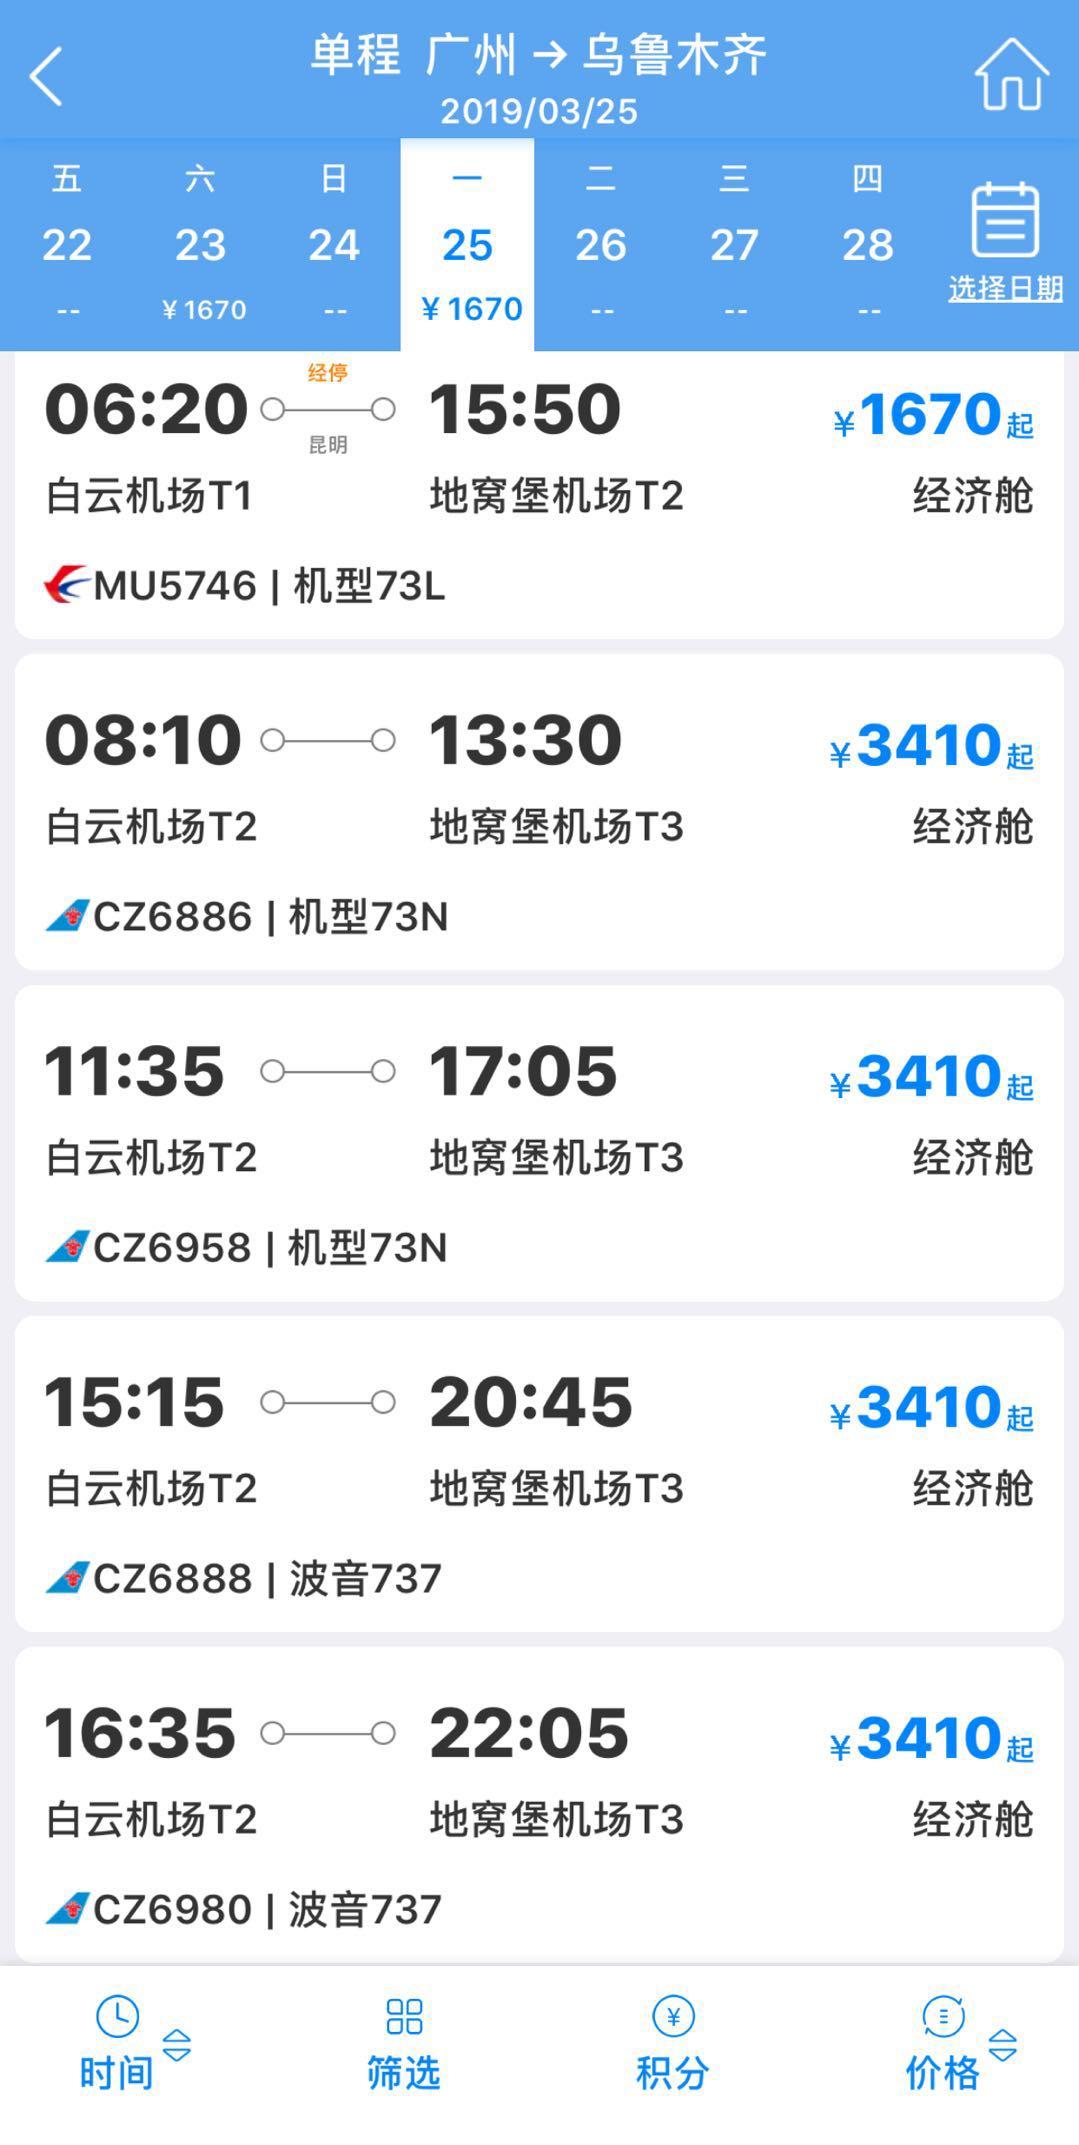 中国东方航空官方网站惊呼了大量的南航航班,航空公司互相挑战OTA?